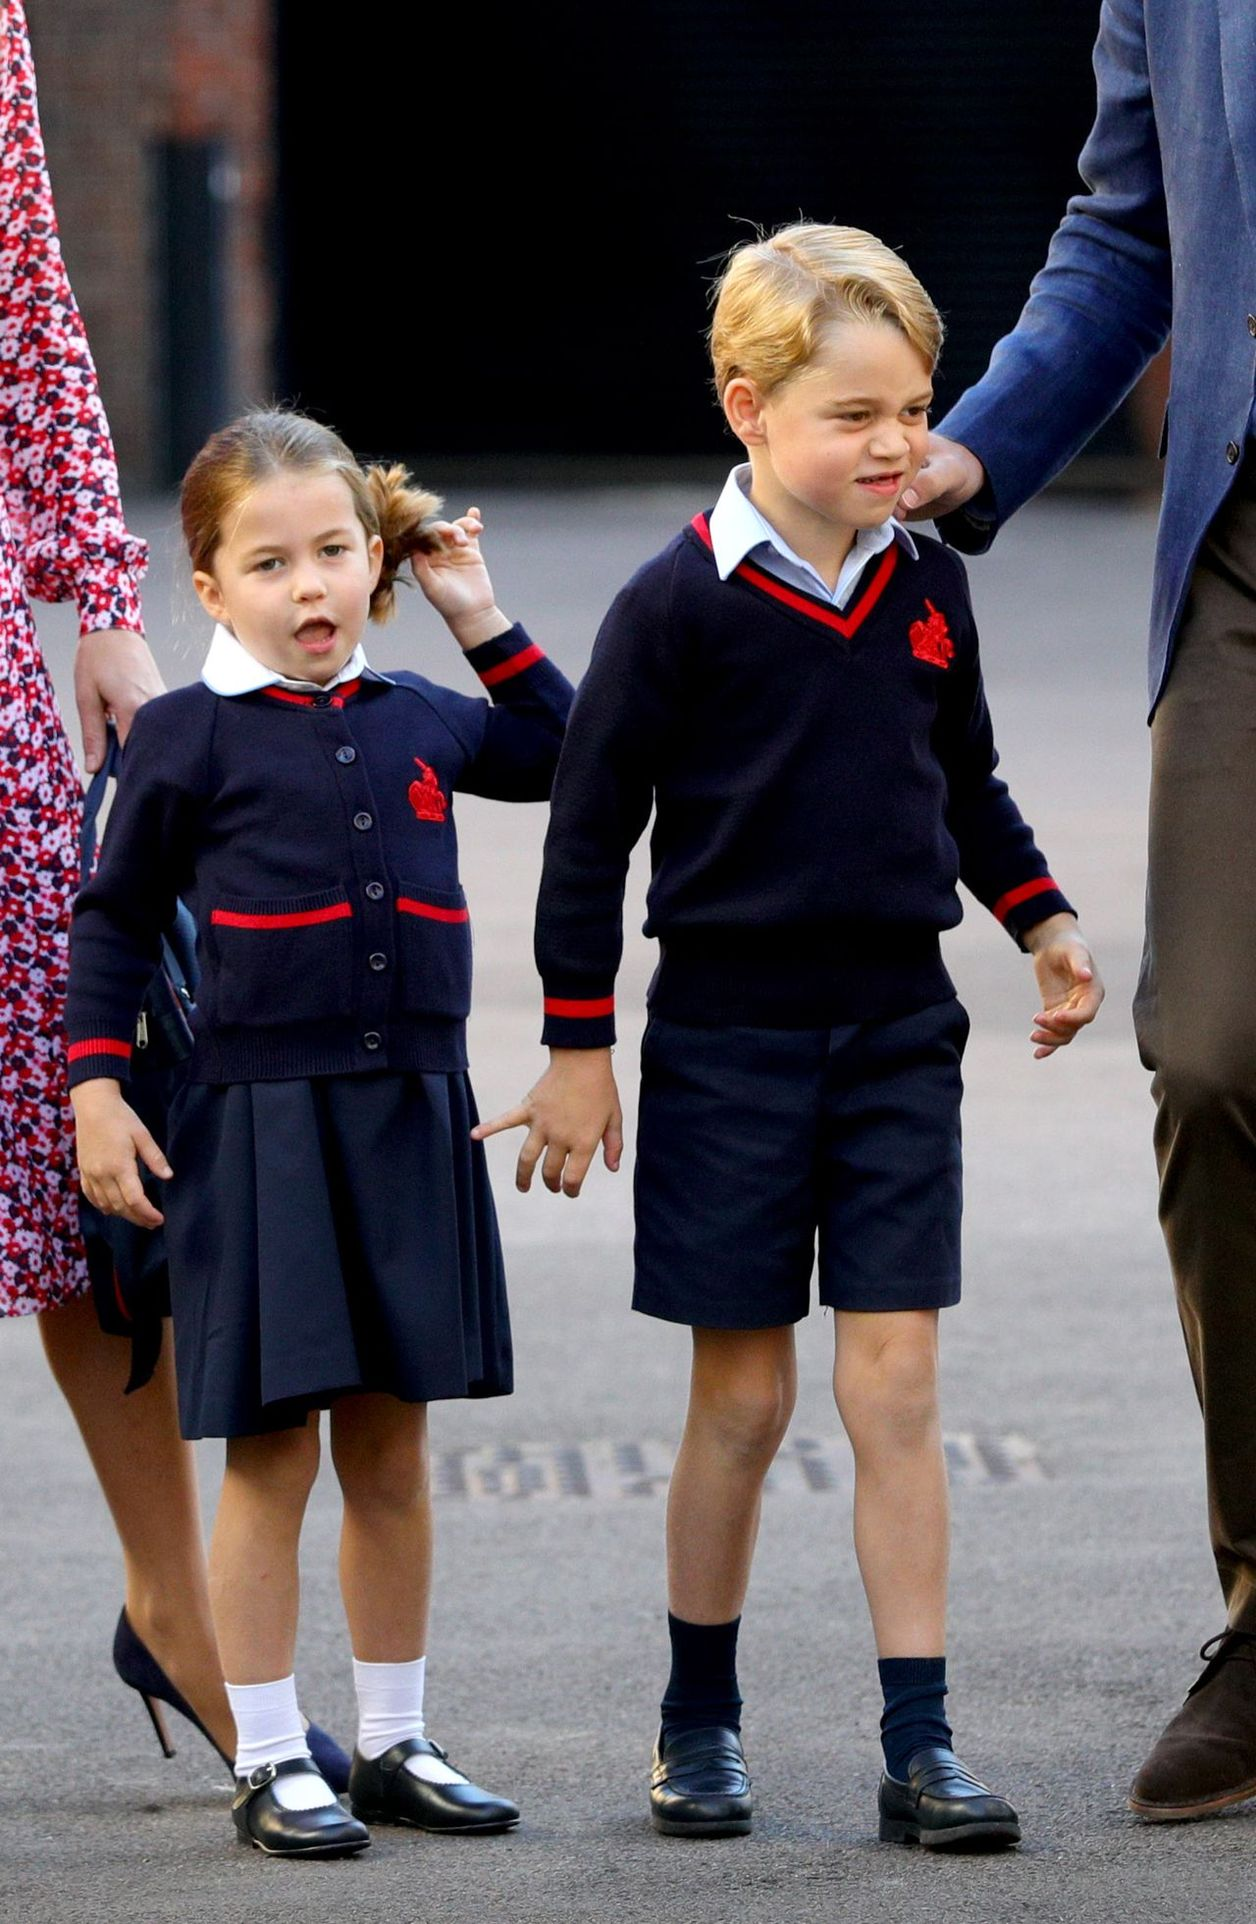 Księżniczka Charlotte i książę George w szkolnych strojach